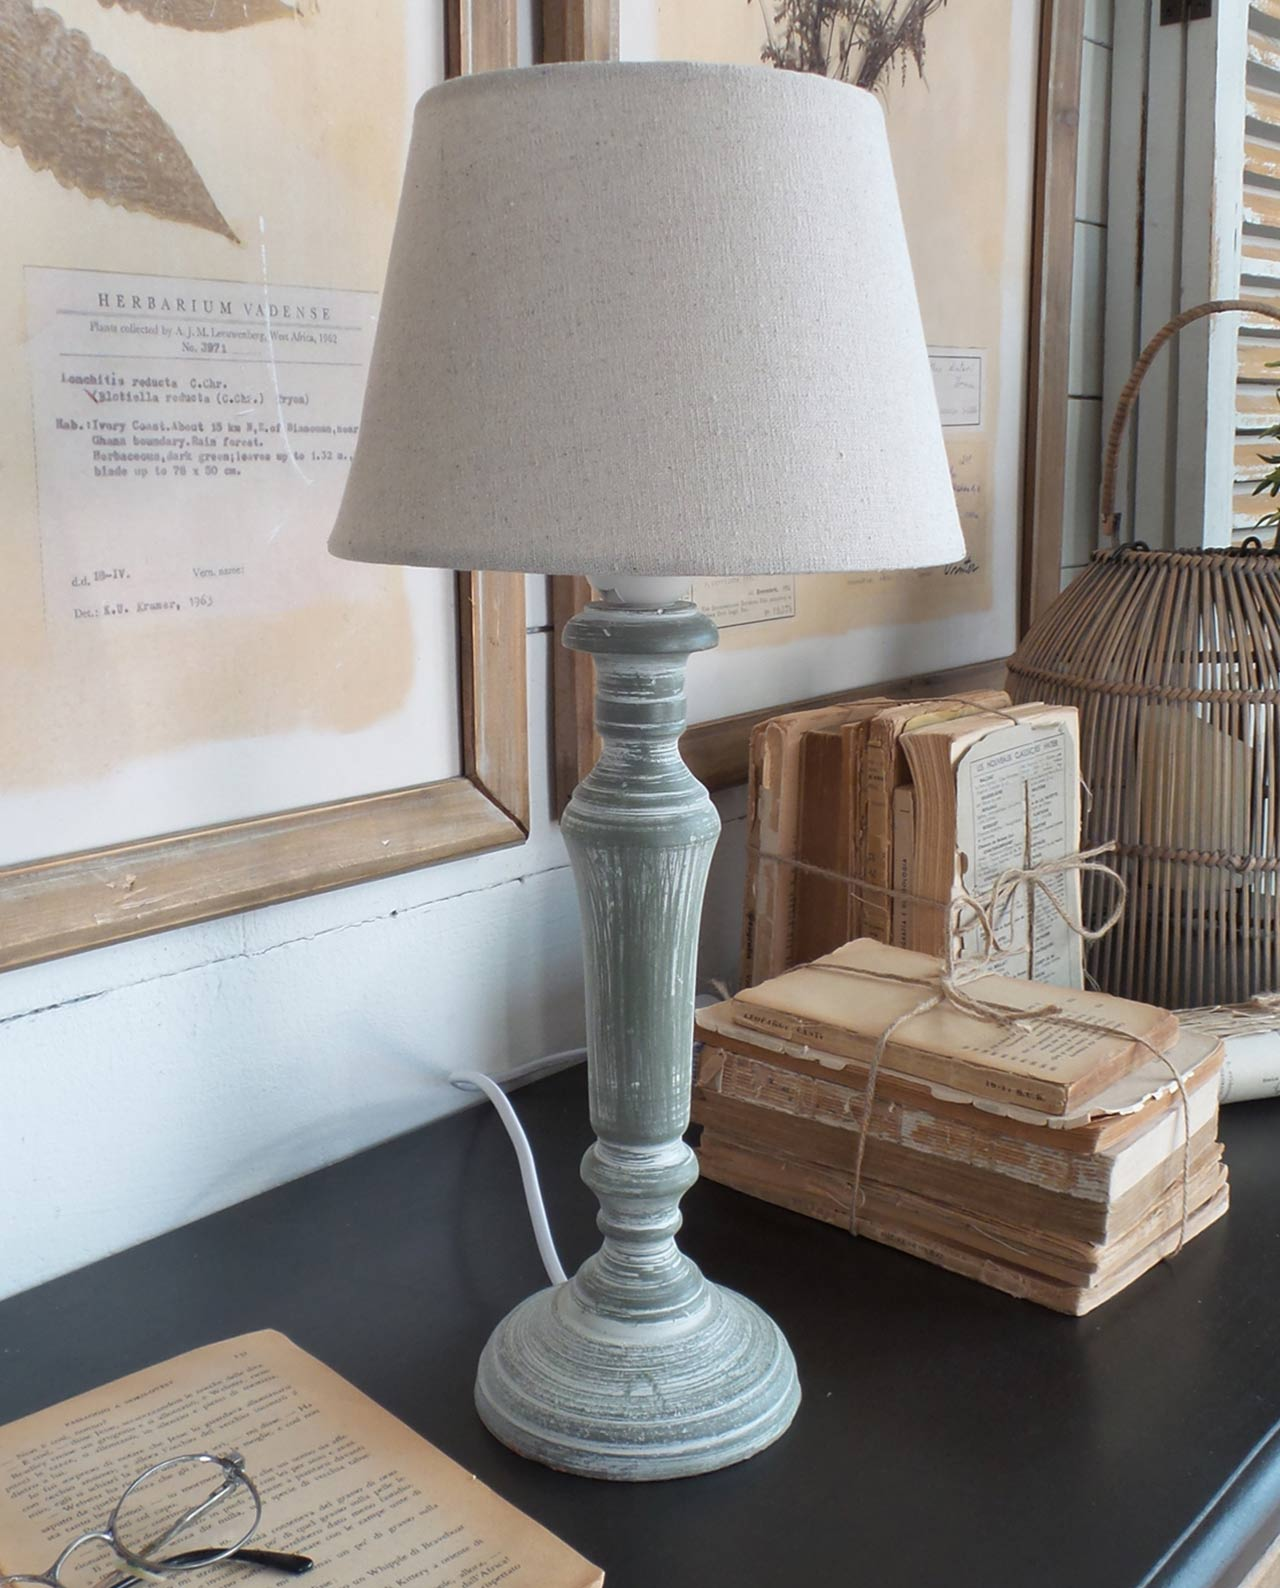 Lampade da tavolo country in legno anticato grigio set 2 pezzi mobilia store home favours - Lampade da tavolo in legno ...